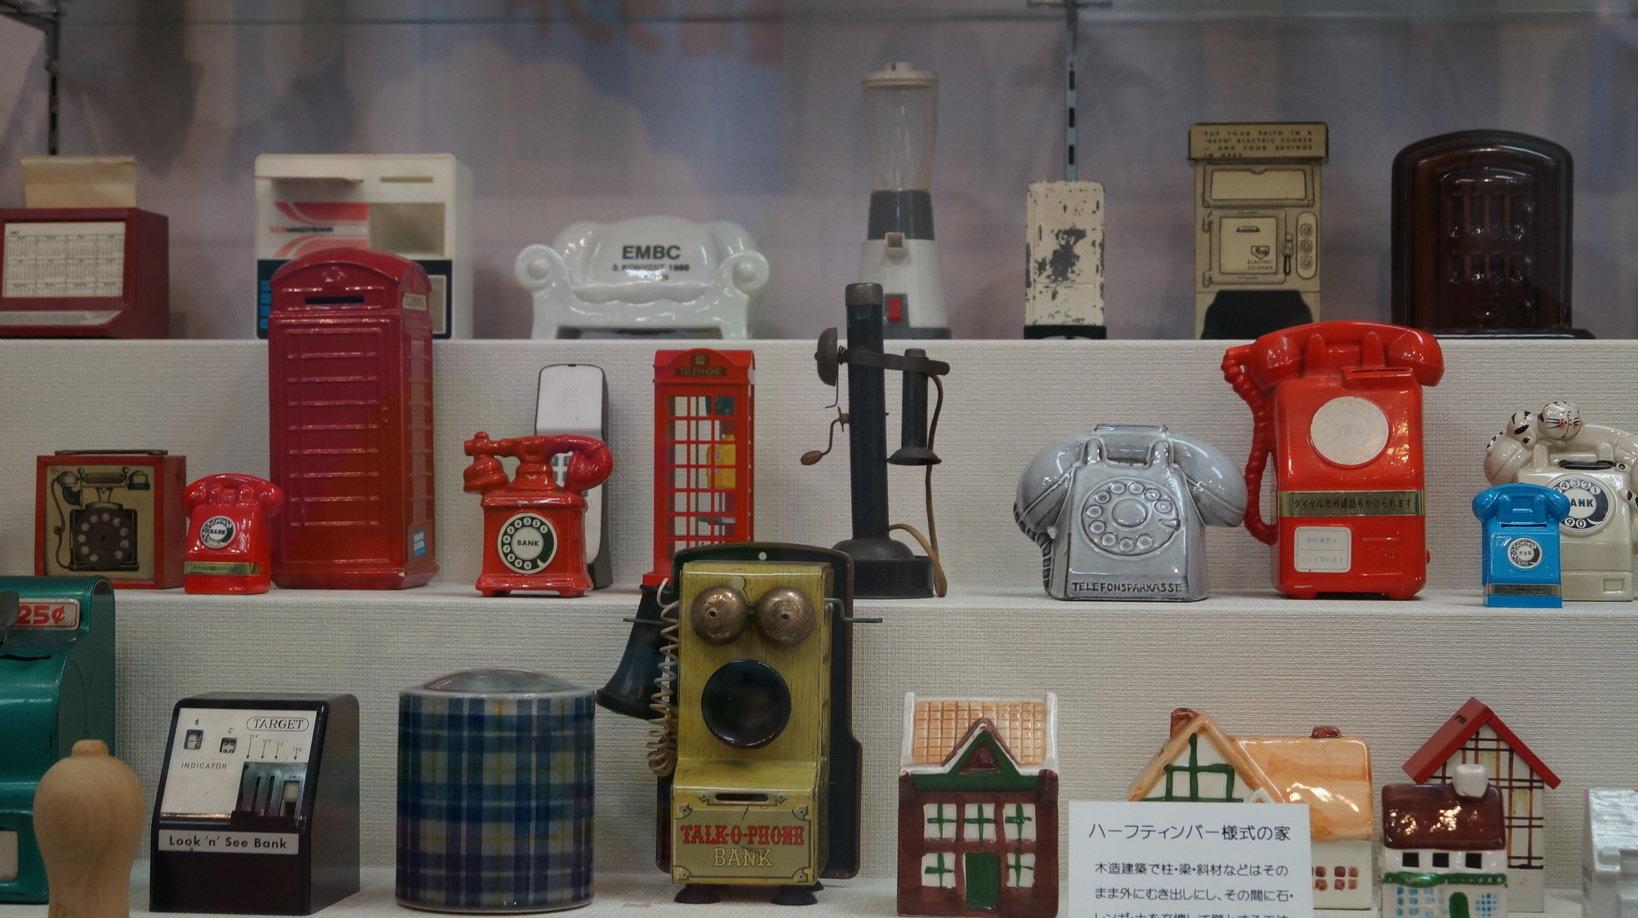 電話の形をした貯金箱